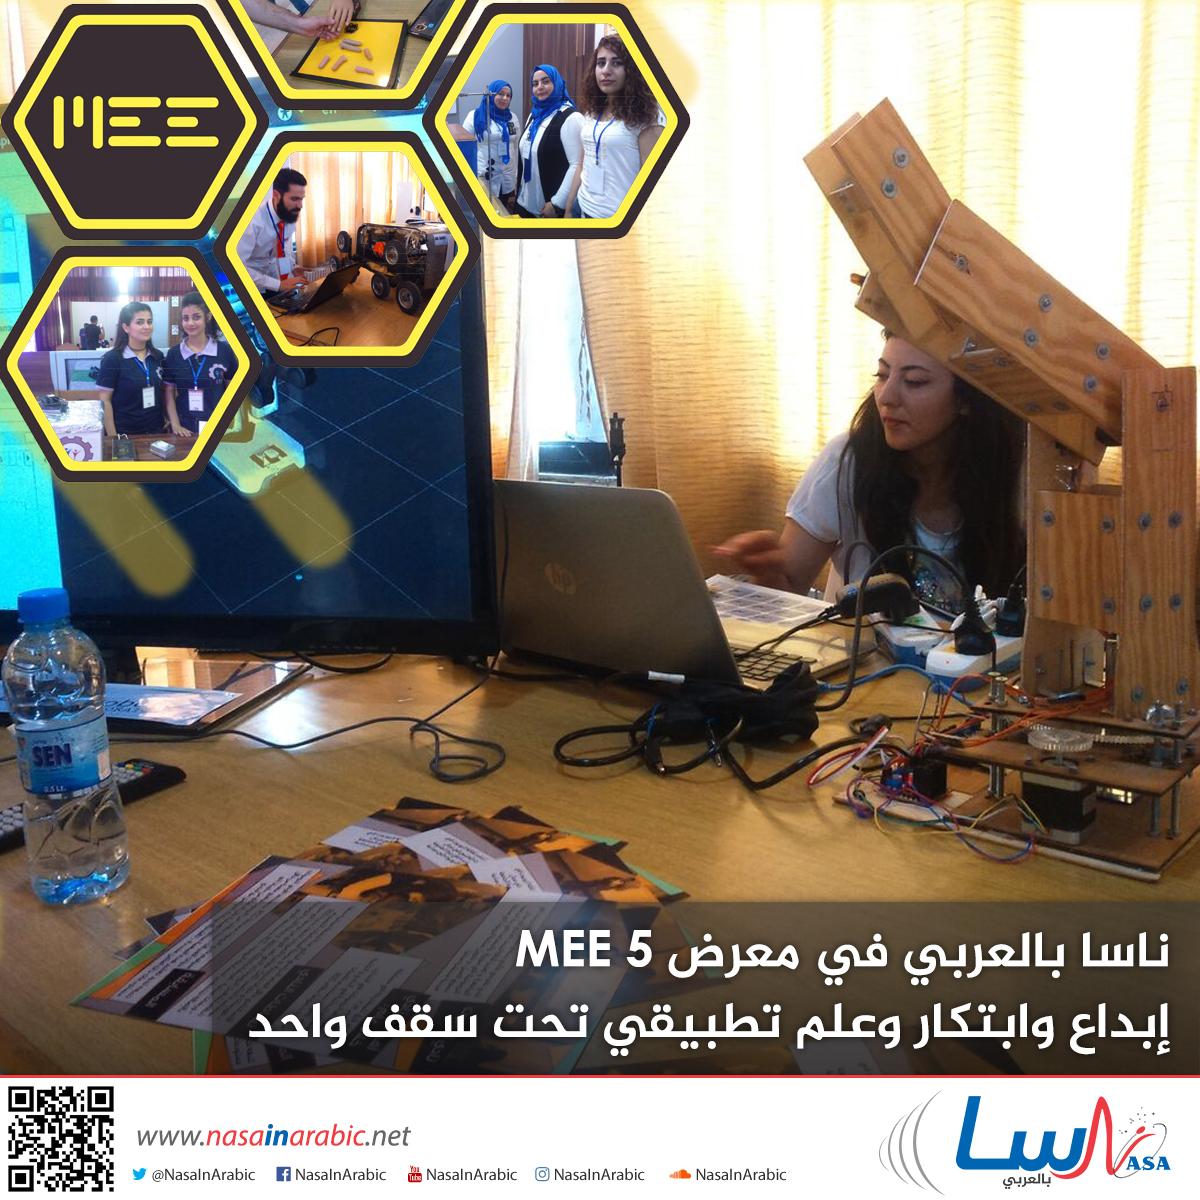 ناسا بالعربي في معرض MEE 5: إبداع وابتكار وعلم تطبيقي تحت سقف واحد